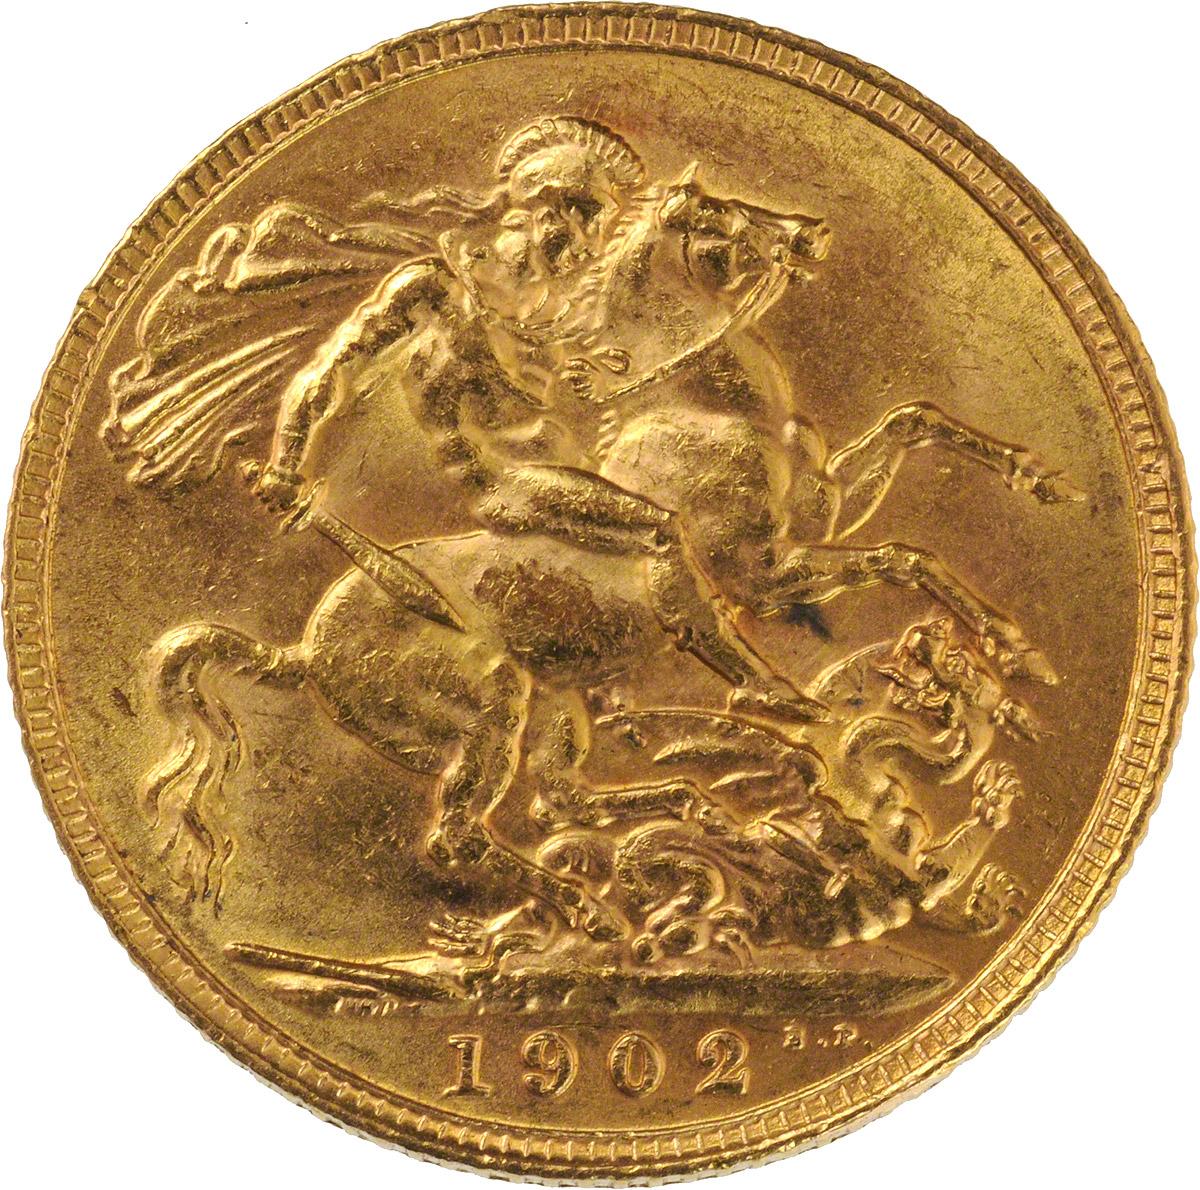 1902 Εδουάρδος Ζ' (Νομισματοκοπείο Λονδίνου)